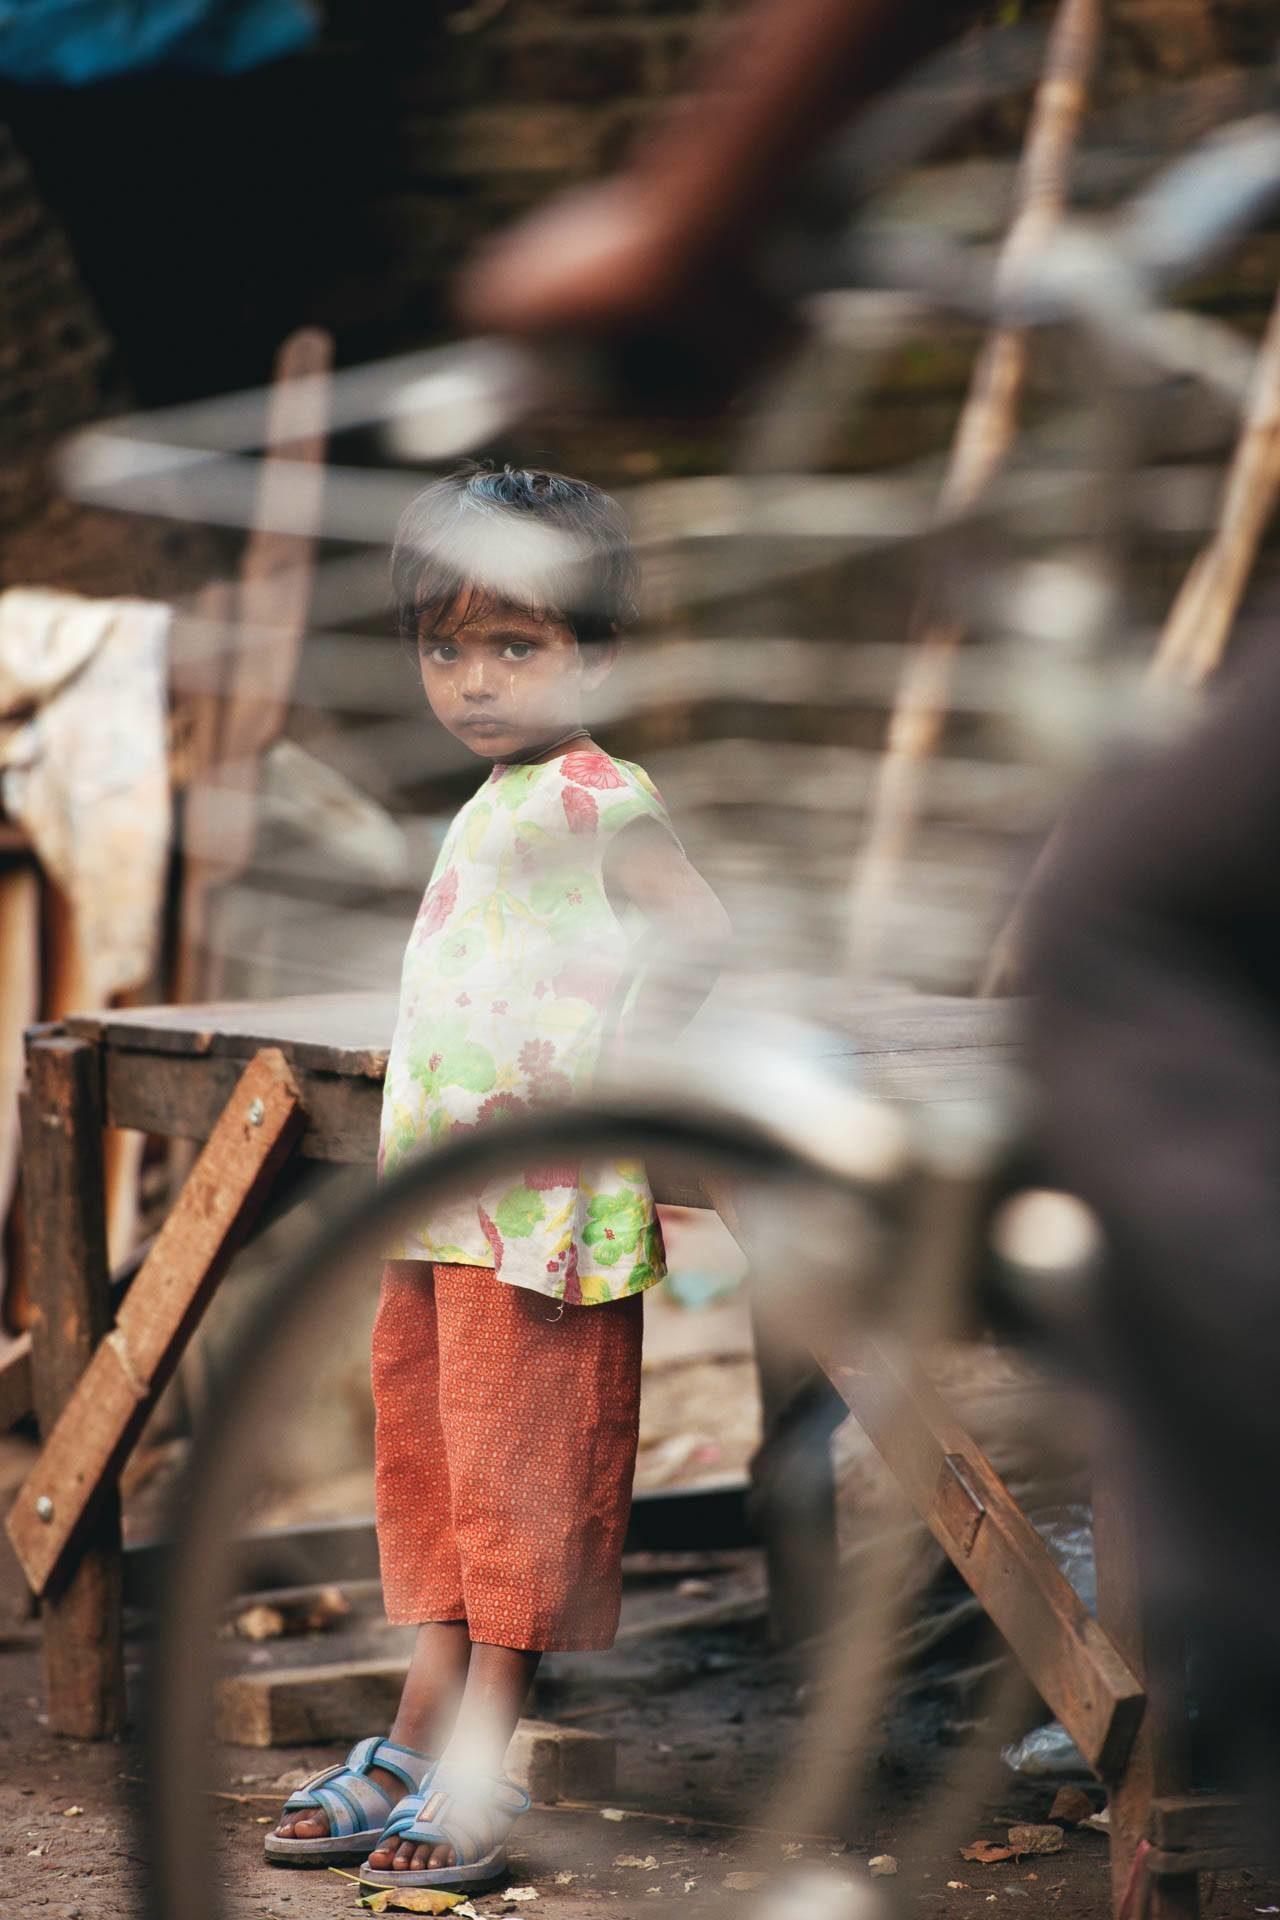 Mädchen hinter Fahrrad Myanmar Fotostory von Redeleit und Junker